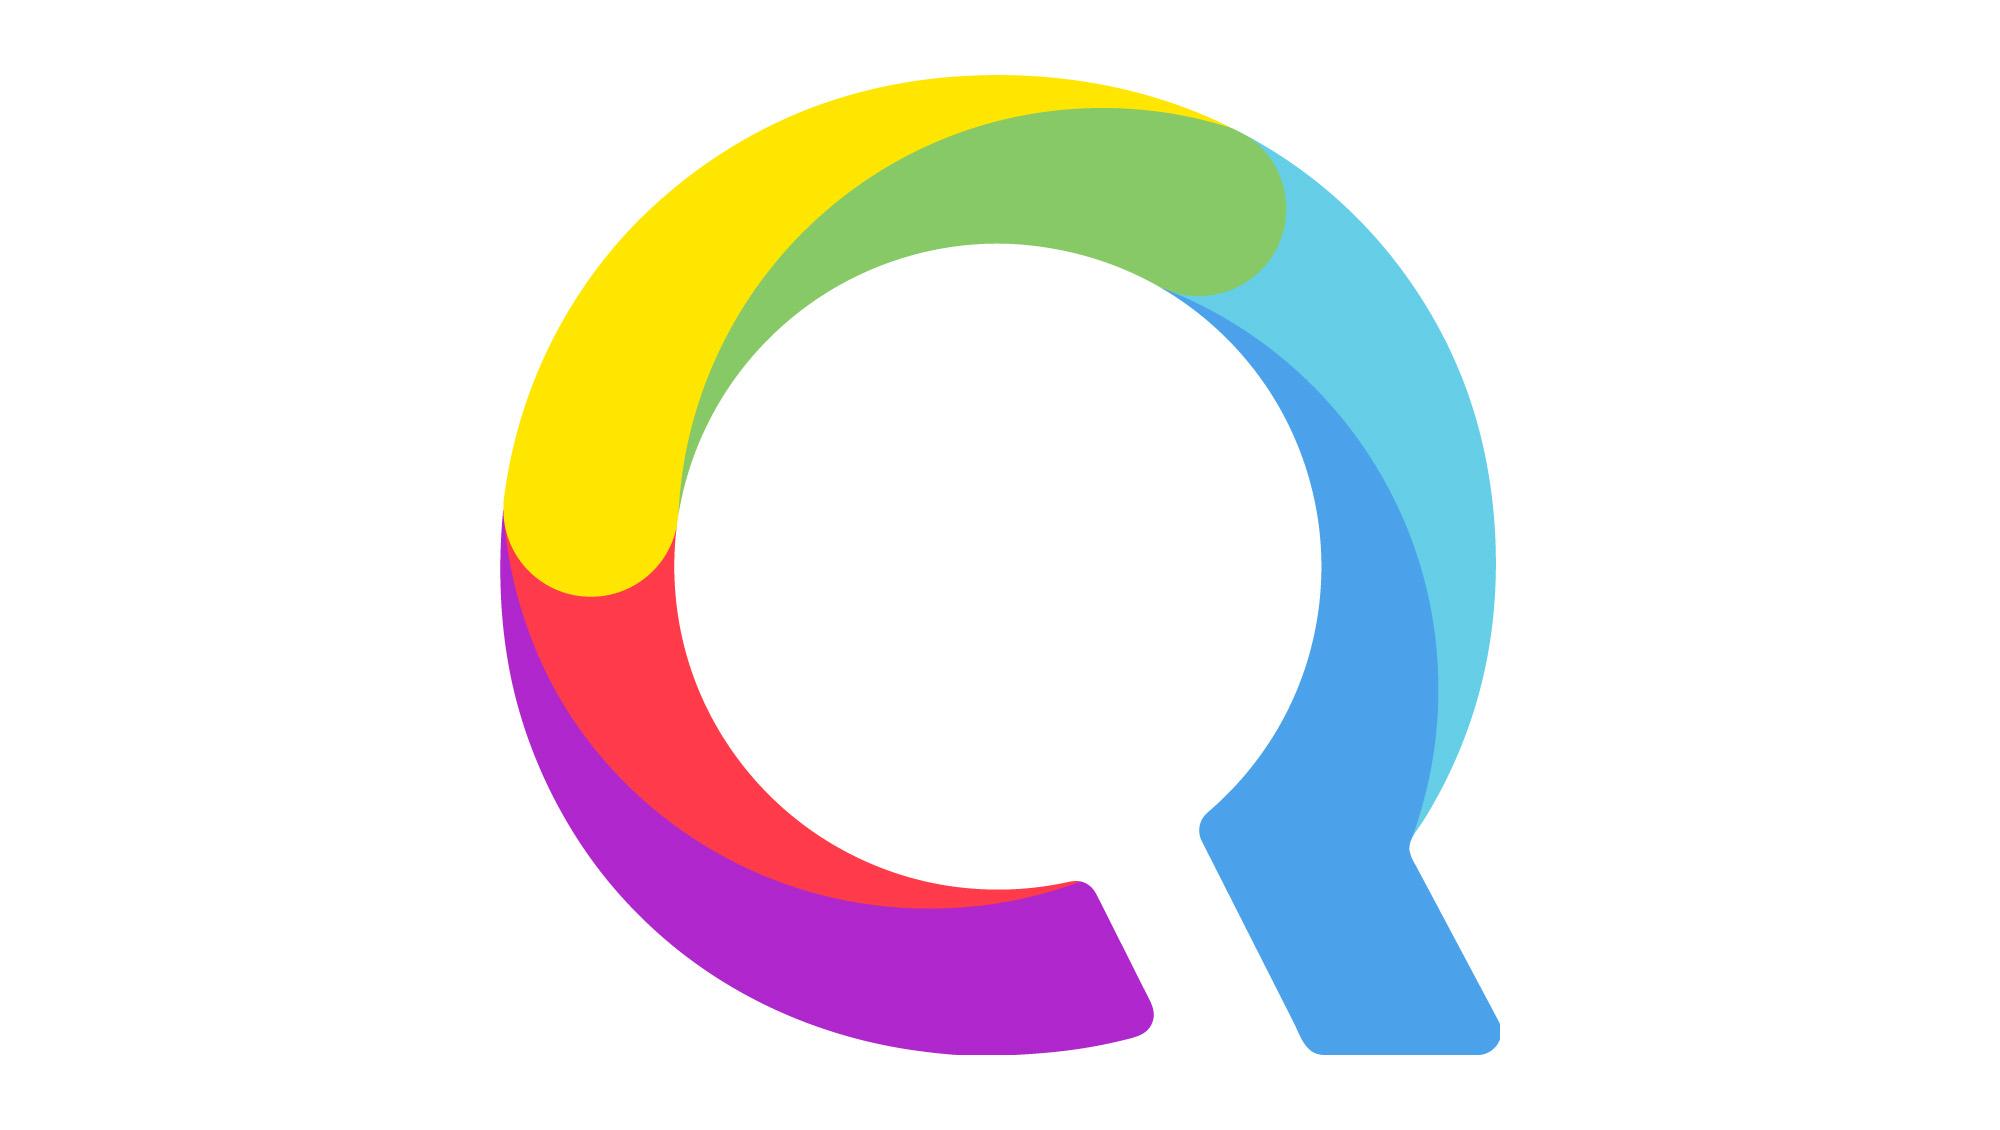 Pour le fondateur de Qwant, DuckDuckGo n'est pas un vrai moteur de recherche